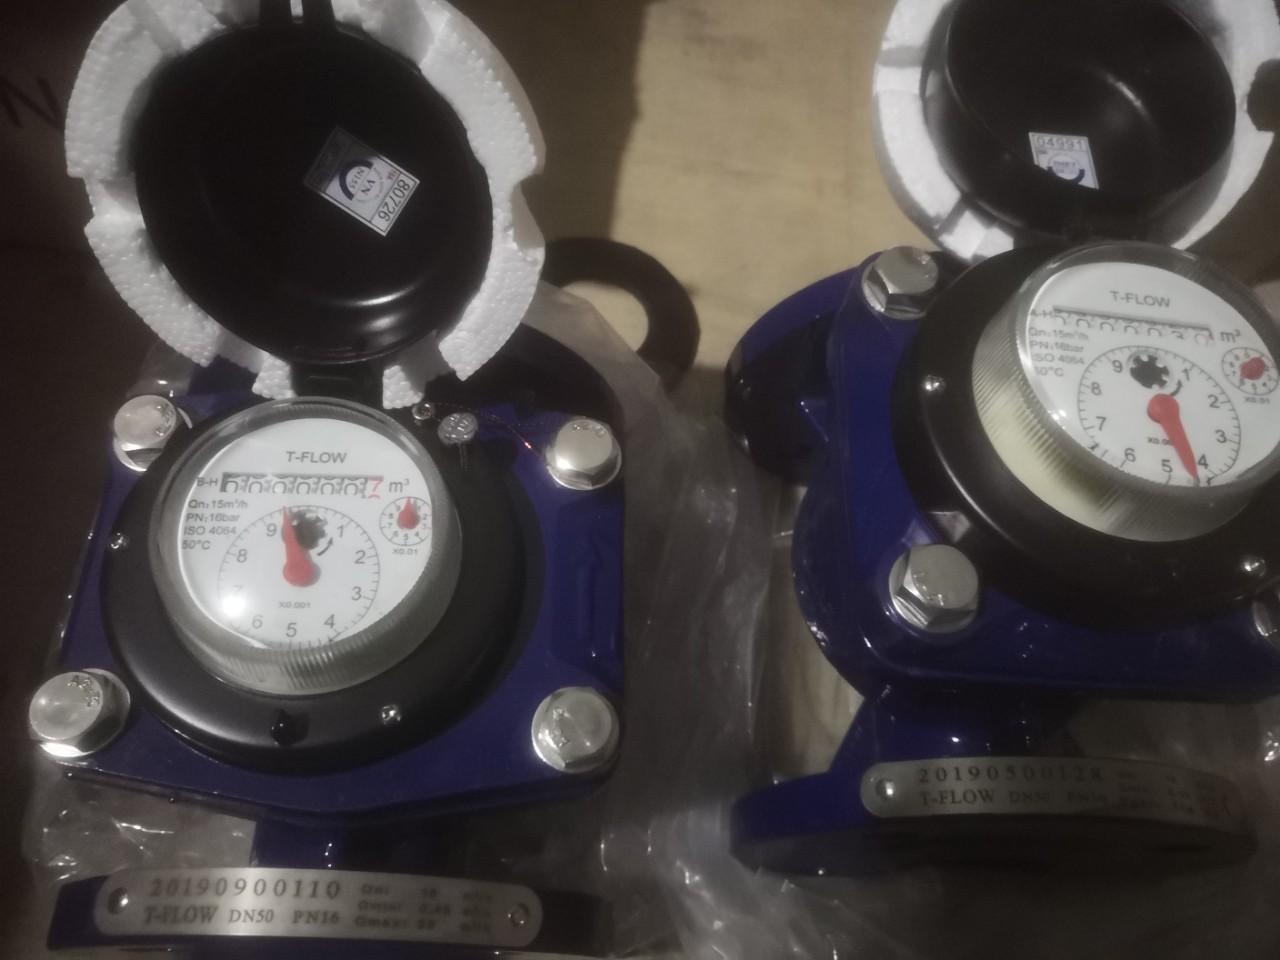 Đồng hồ đo lưu lượng nước T-Flow DN250